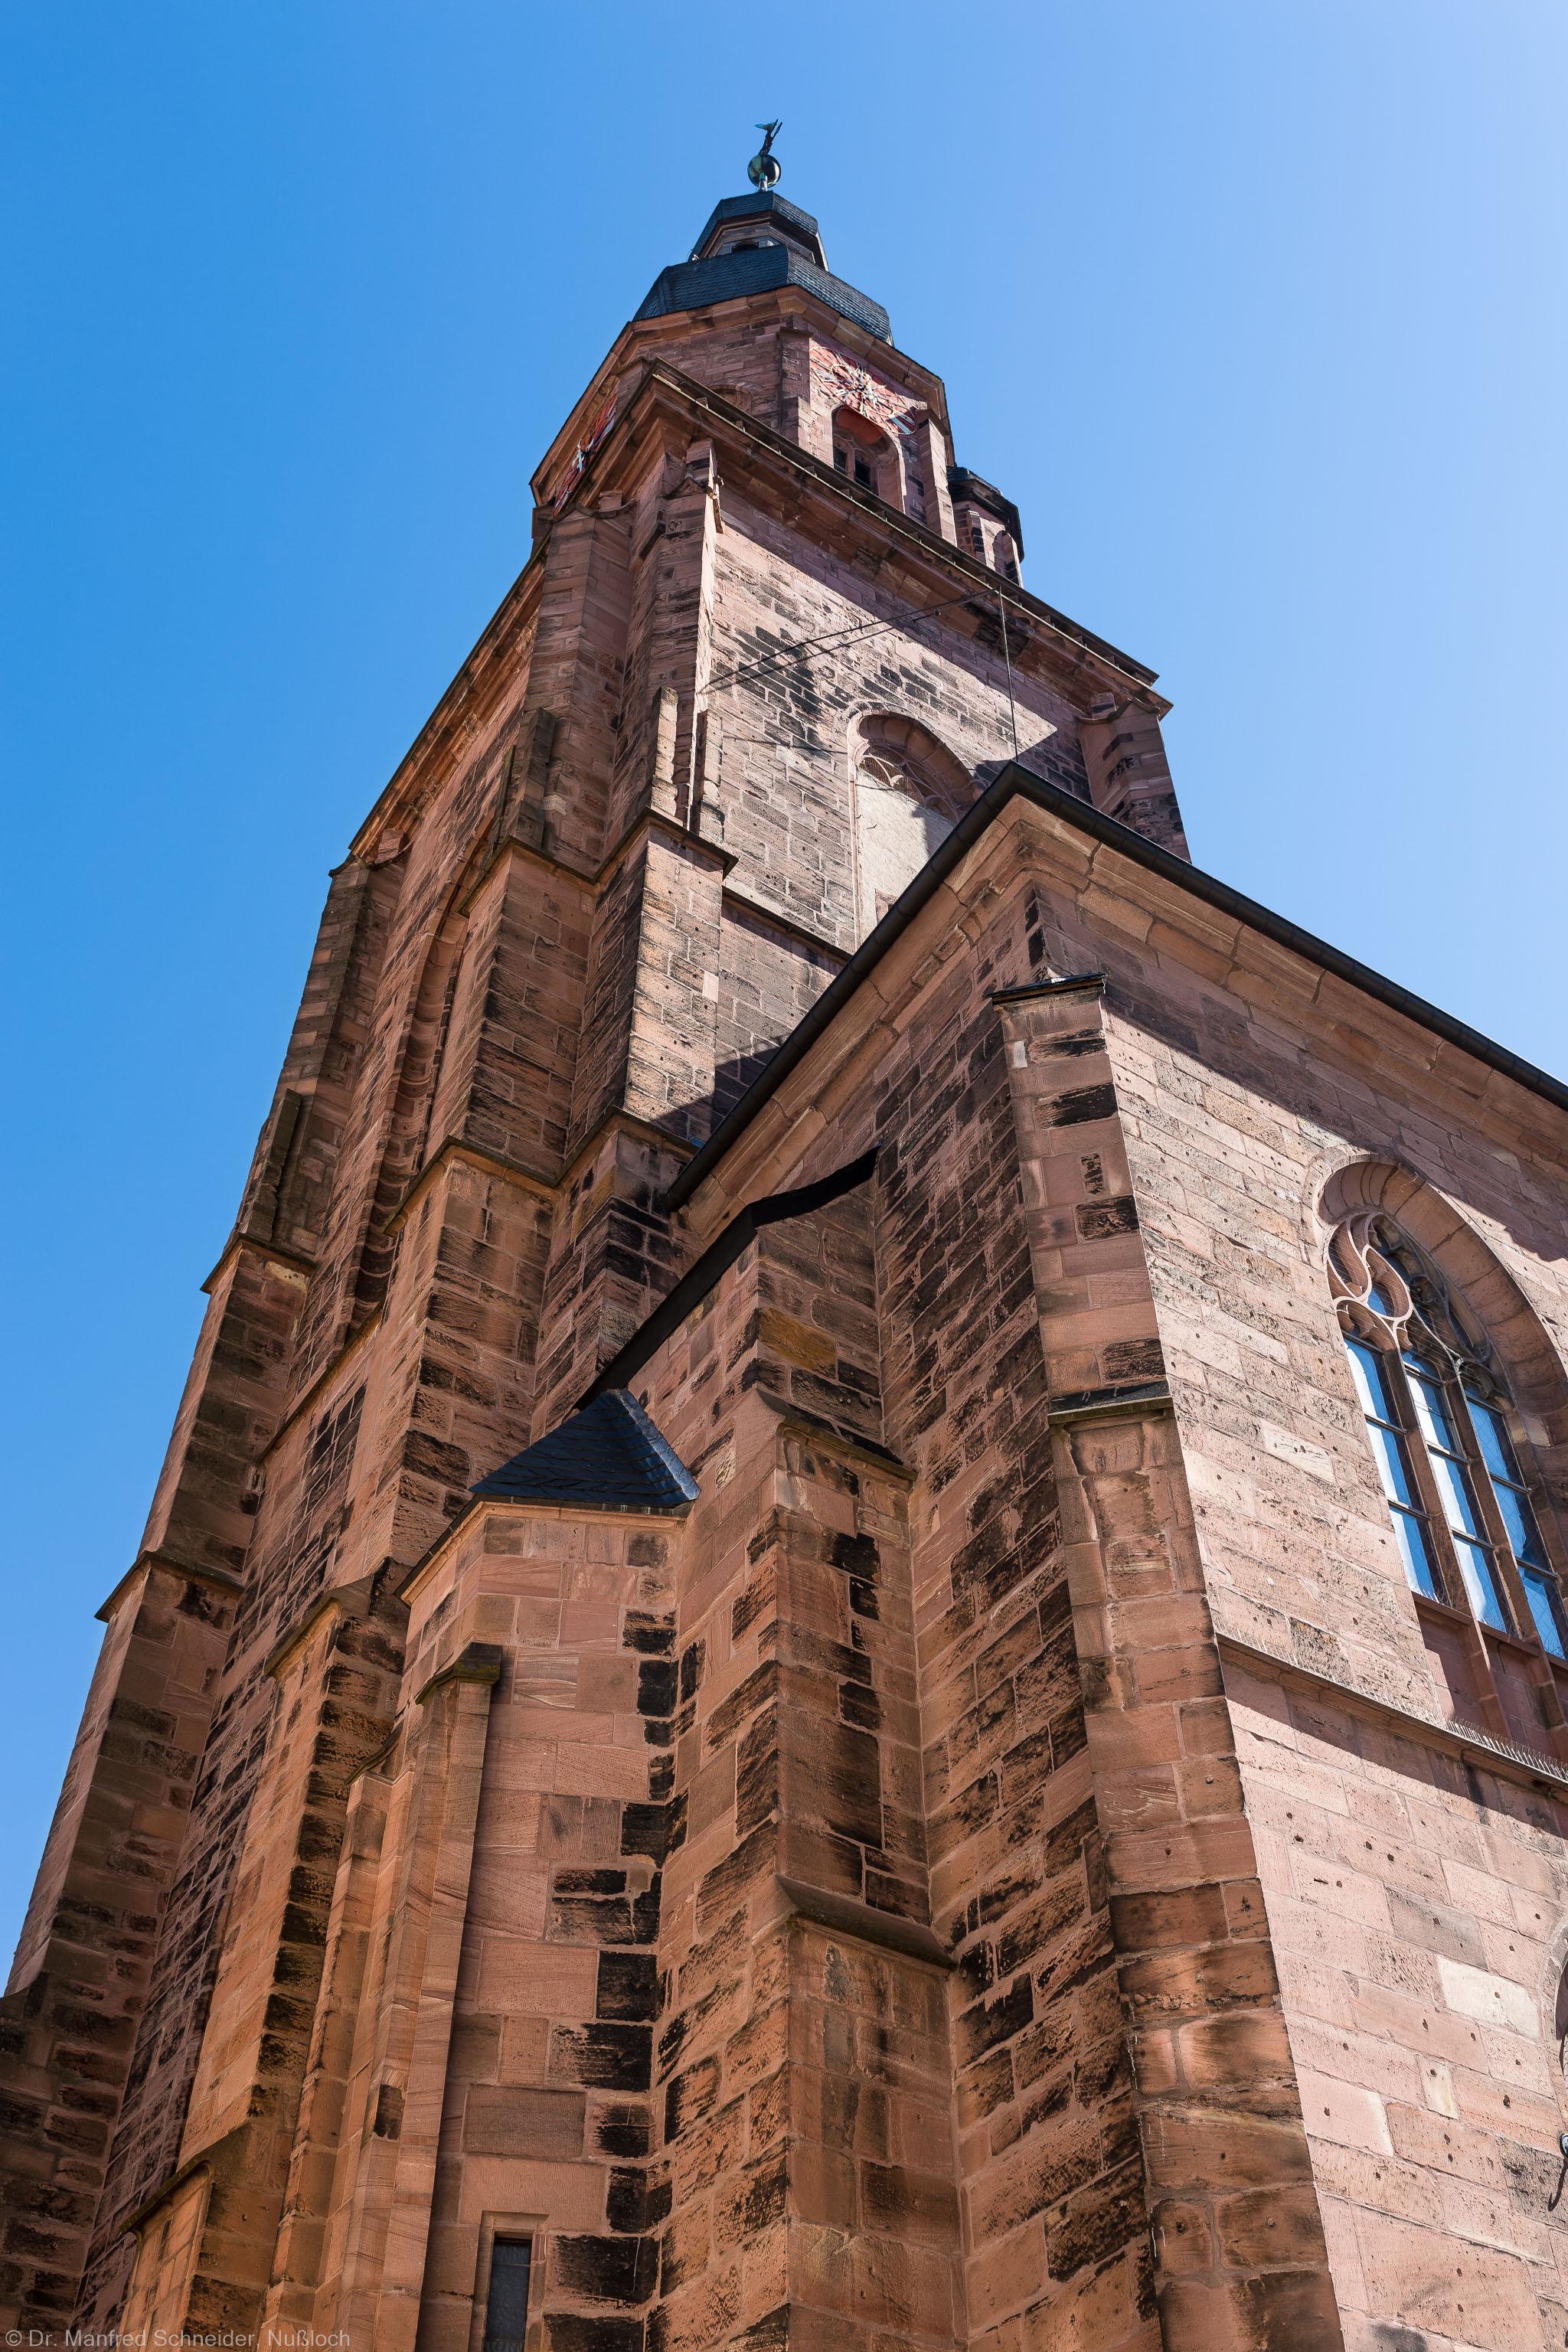 Heidelberg - Heiliggeistkirche - Südwestseite - Blick nach oben auf den Westbau und den Turm (aufgenommen im Juli 2015, am späten Vormittag)